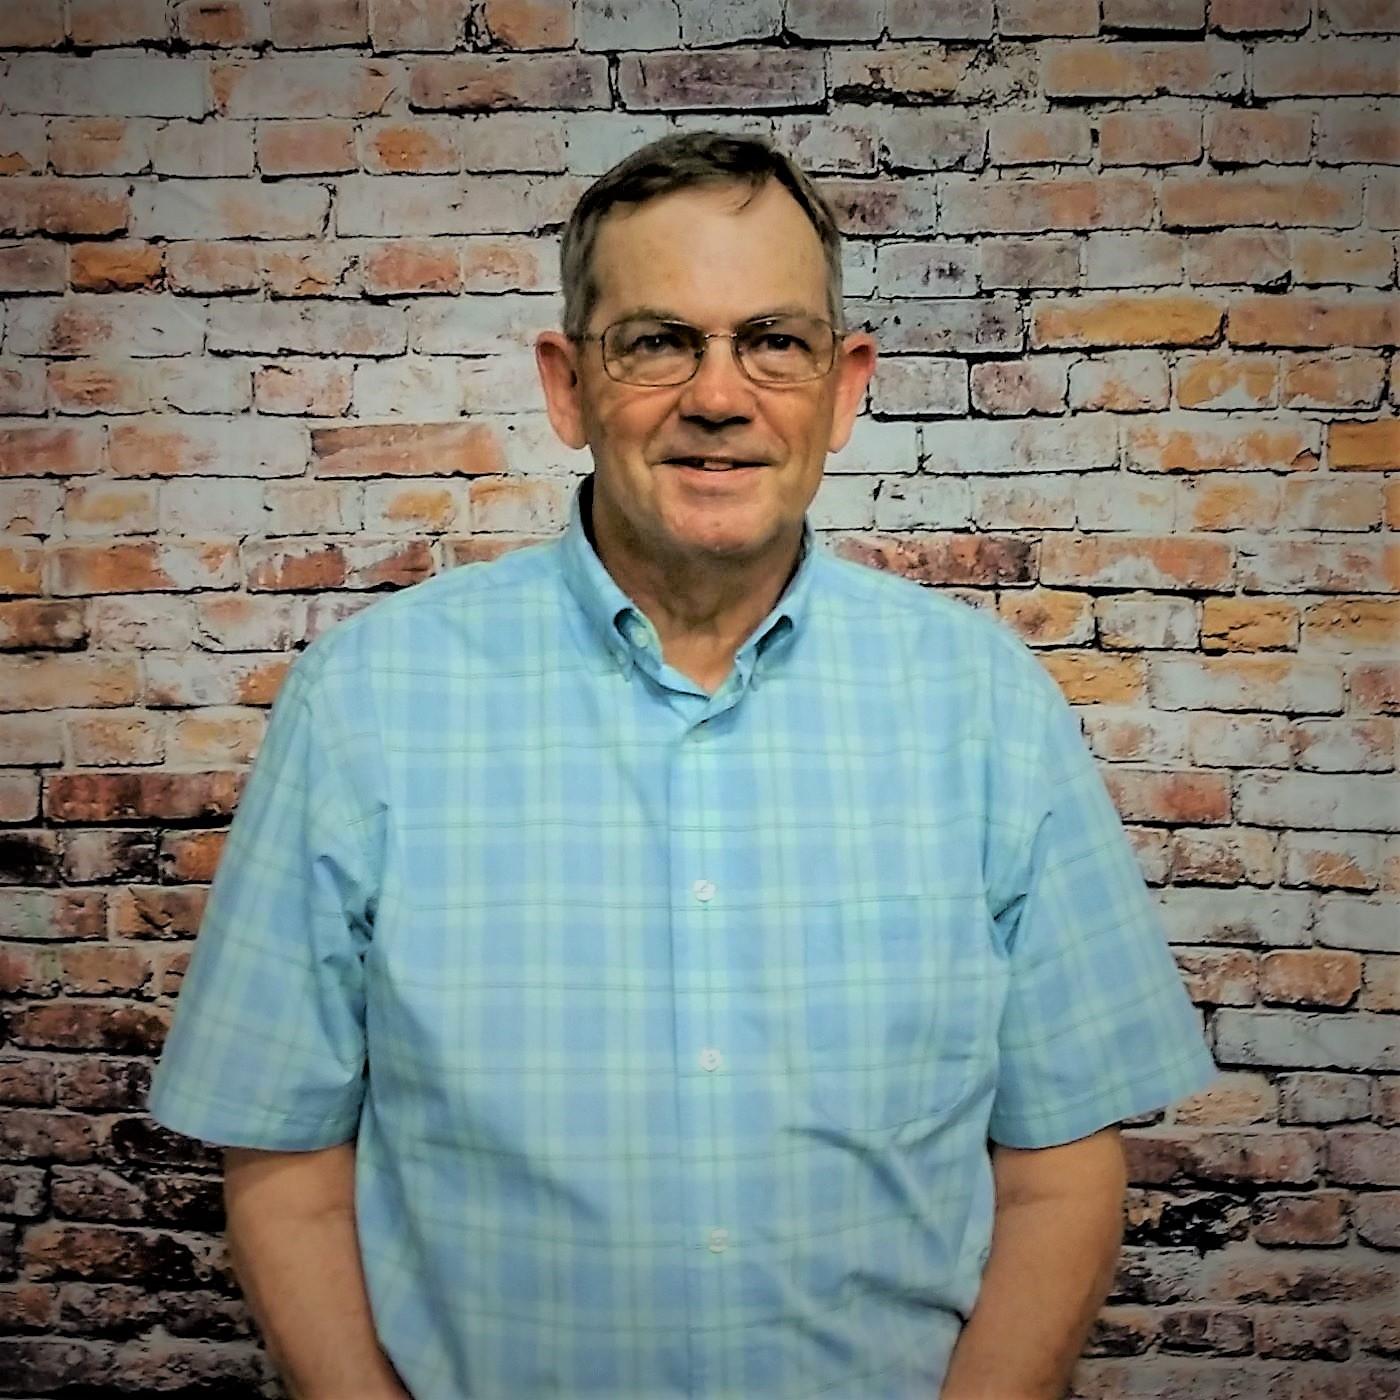 Tim O'Neal